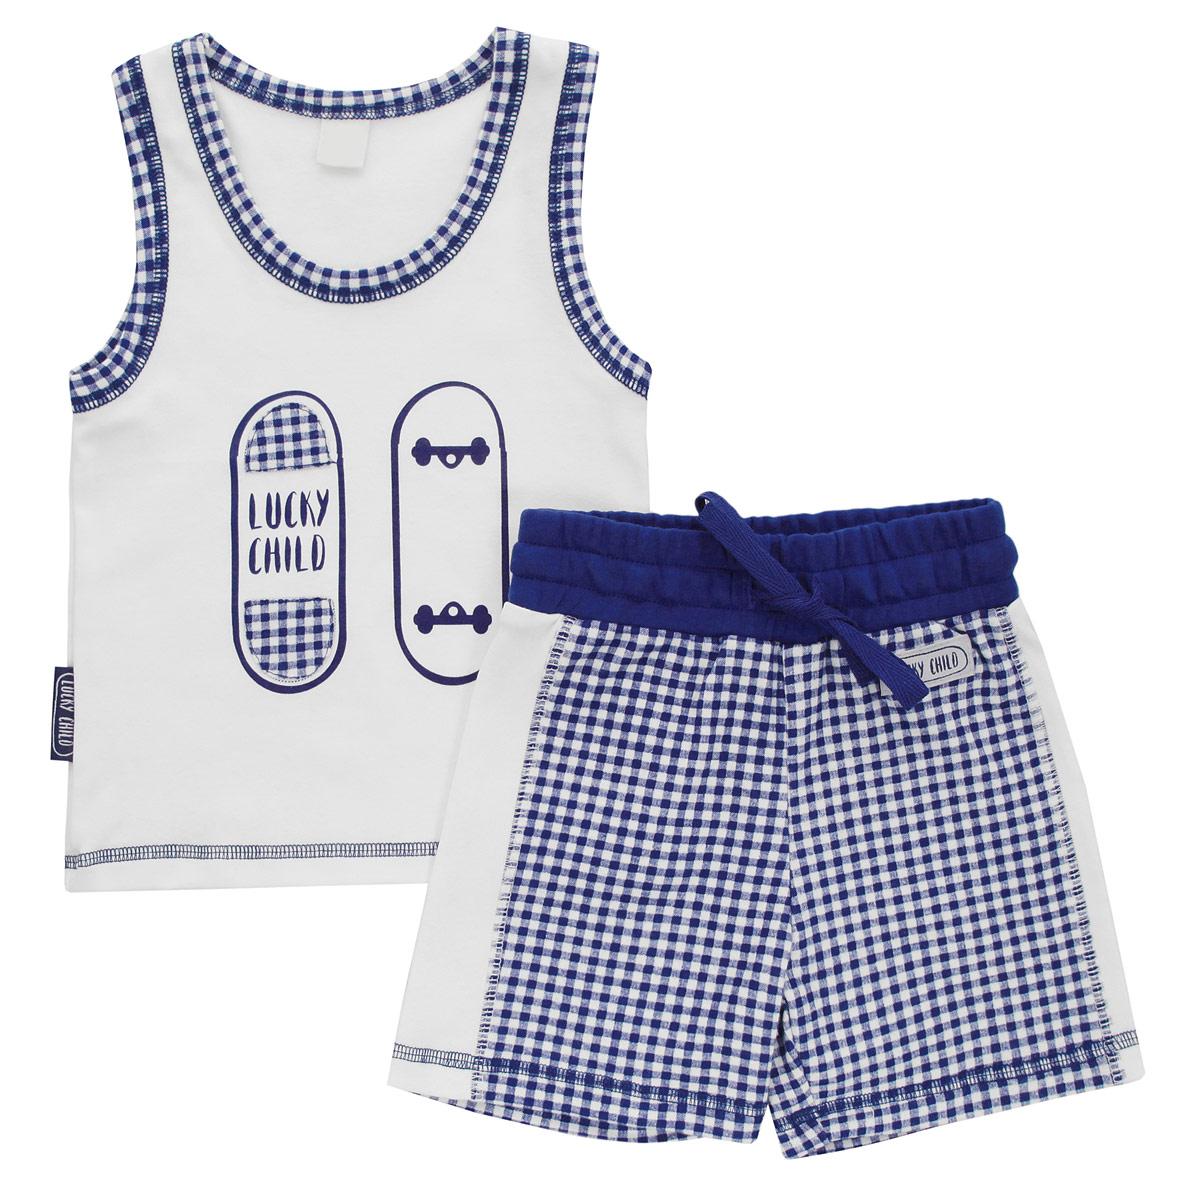 Комплект одежды13-411Комплект для мальчика Lucky Child, состоящий из майки и шорт, идеально подойдет вашему ребенку. Изготовленный из натурального хлопка - интерлока, он необычайно мягкий и приятный на ощупь, не сковывает движения и позволяет коже дышать, не раздражает даже самую нежную и чувствительную кожу ребенка, обеспечивая ему наибольший комфорт. Майка с круглым вырезом горловины оформлена спереди оригинальной аппликацией и принтом с изображением скейтборда. Горловина и пройма рукавов оформлена принтом в клетку. Низ изделия оформлены контрастной фигурной прострочкой. Шортики на талии имеют широкую эластичную резинку со шнурком, благодаря чему они не сдавливают живот ребенка и не сползают. Оформлено изделие принтом в клетку и небольшой нашивкой с названием бренда. Оригинальный дизайн и расцветка делают этот комплект незаменимым предметом детского гардероба. В нем вашему маленькому мужчине будет комфортно и уютно, и он всегда будет в центре внимания!